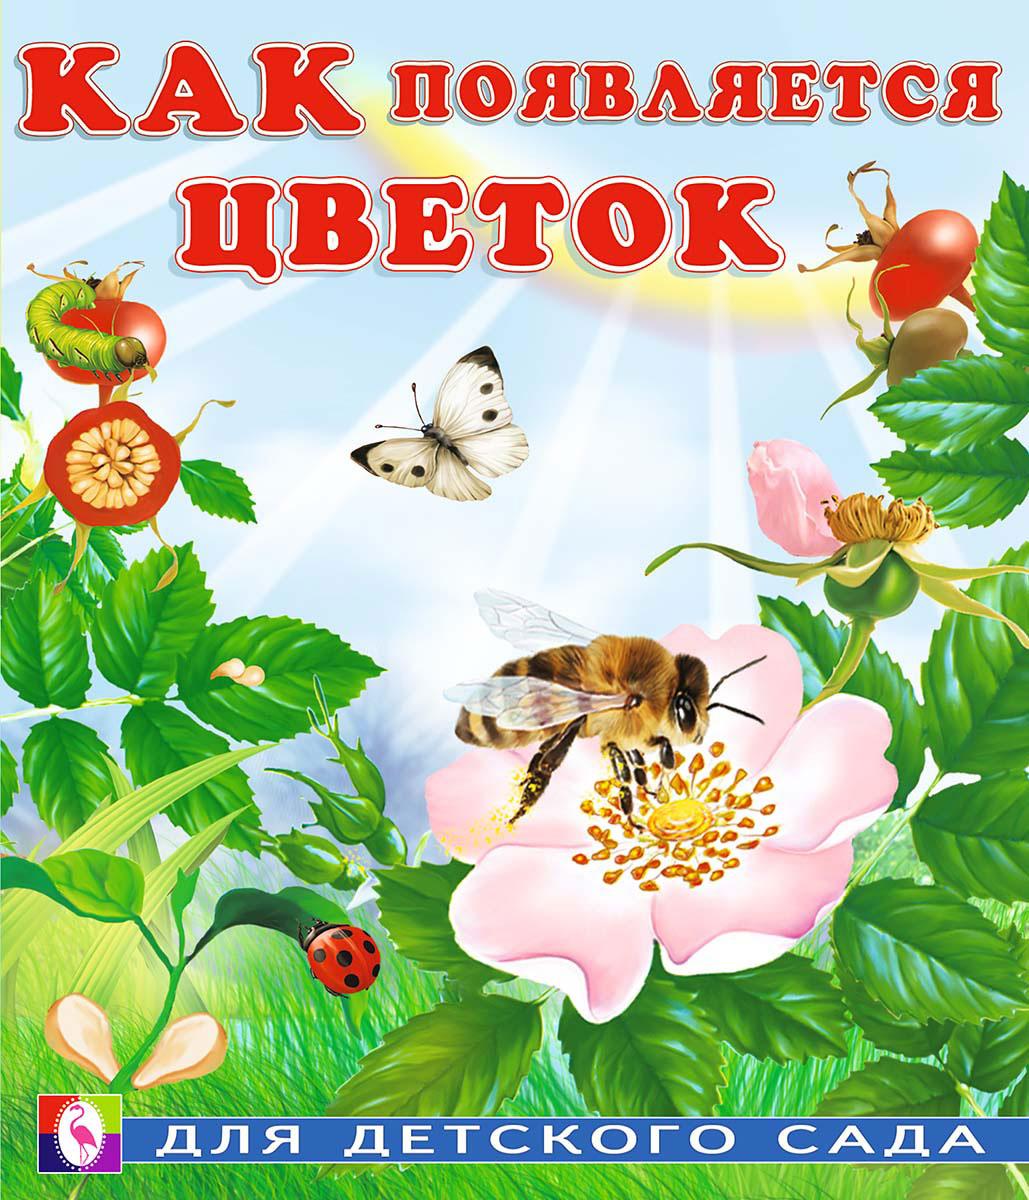 Как появляется цветок